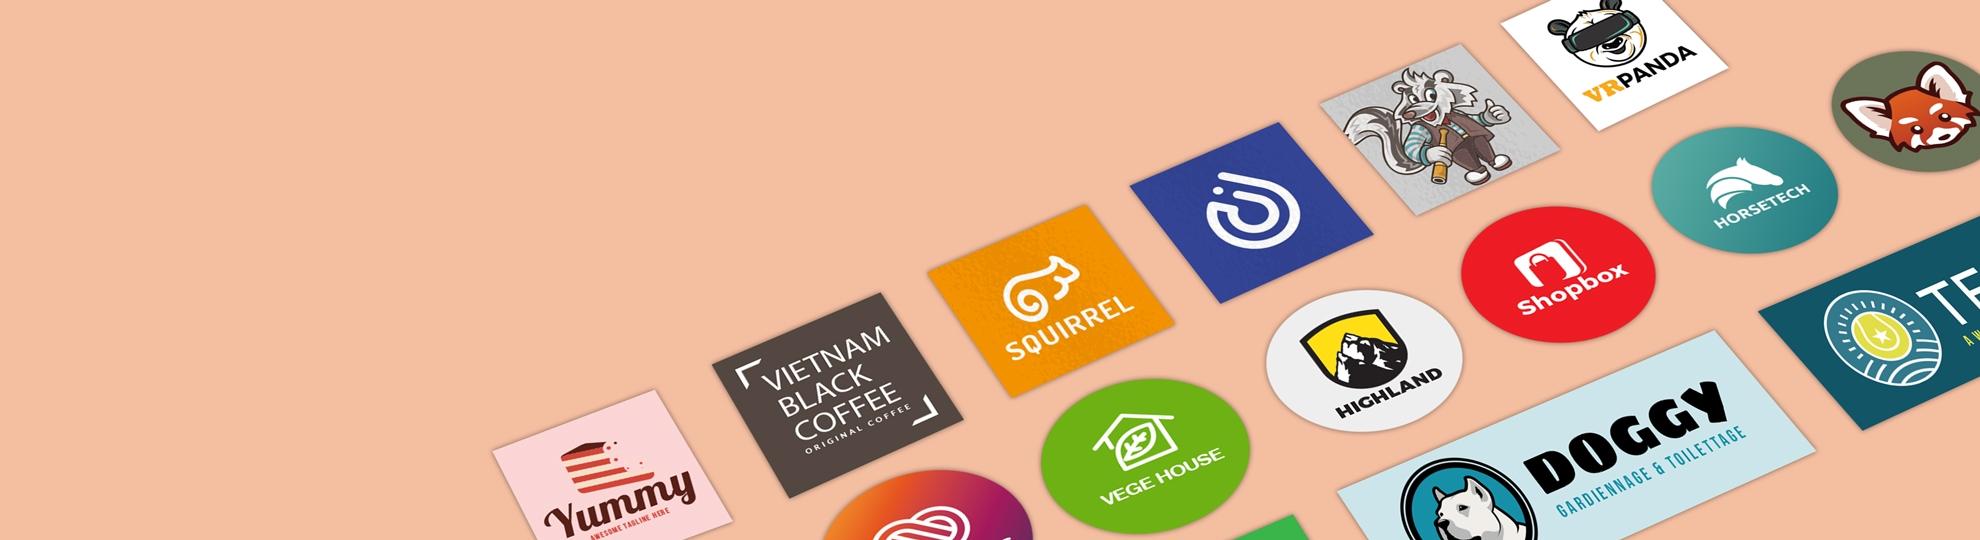 Sticker personnalisé express